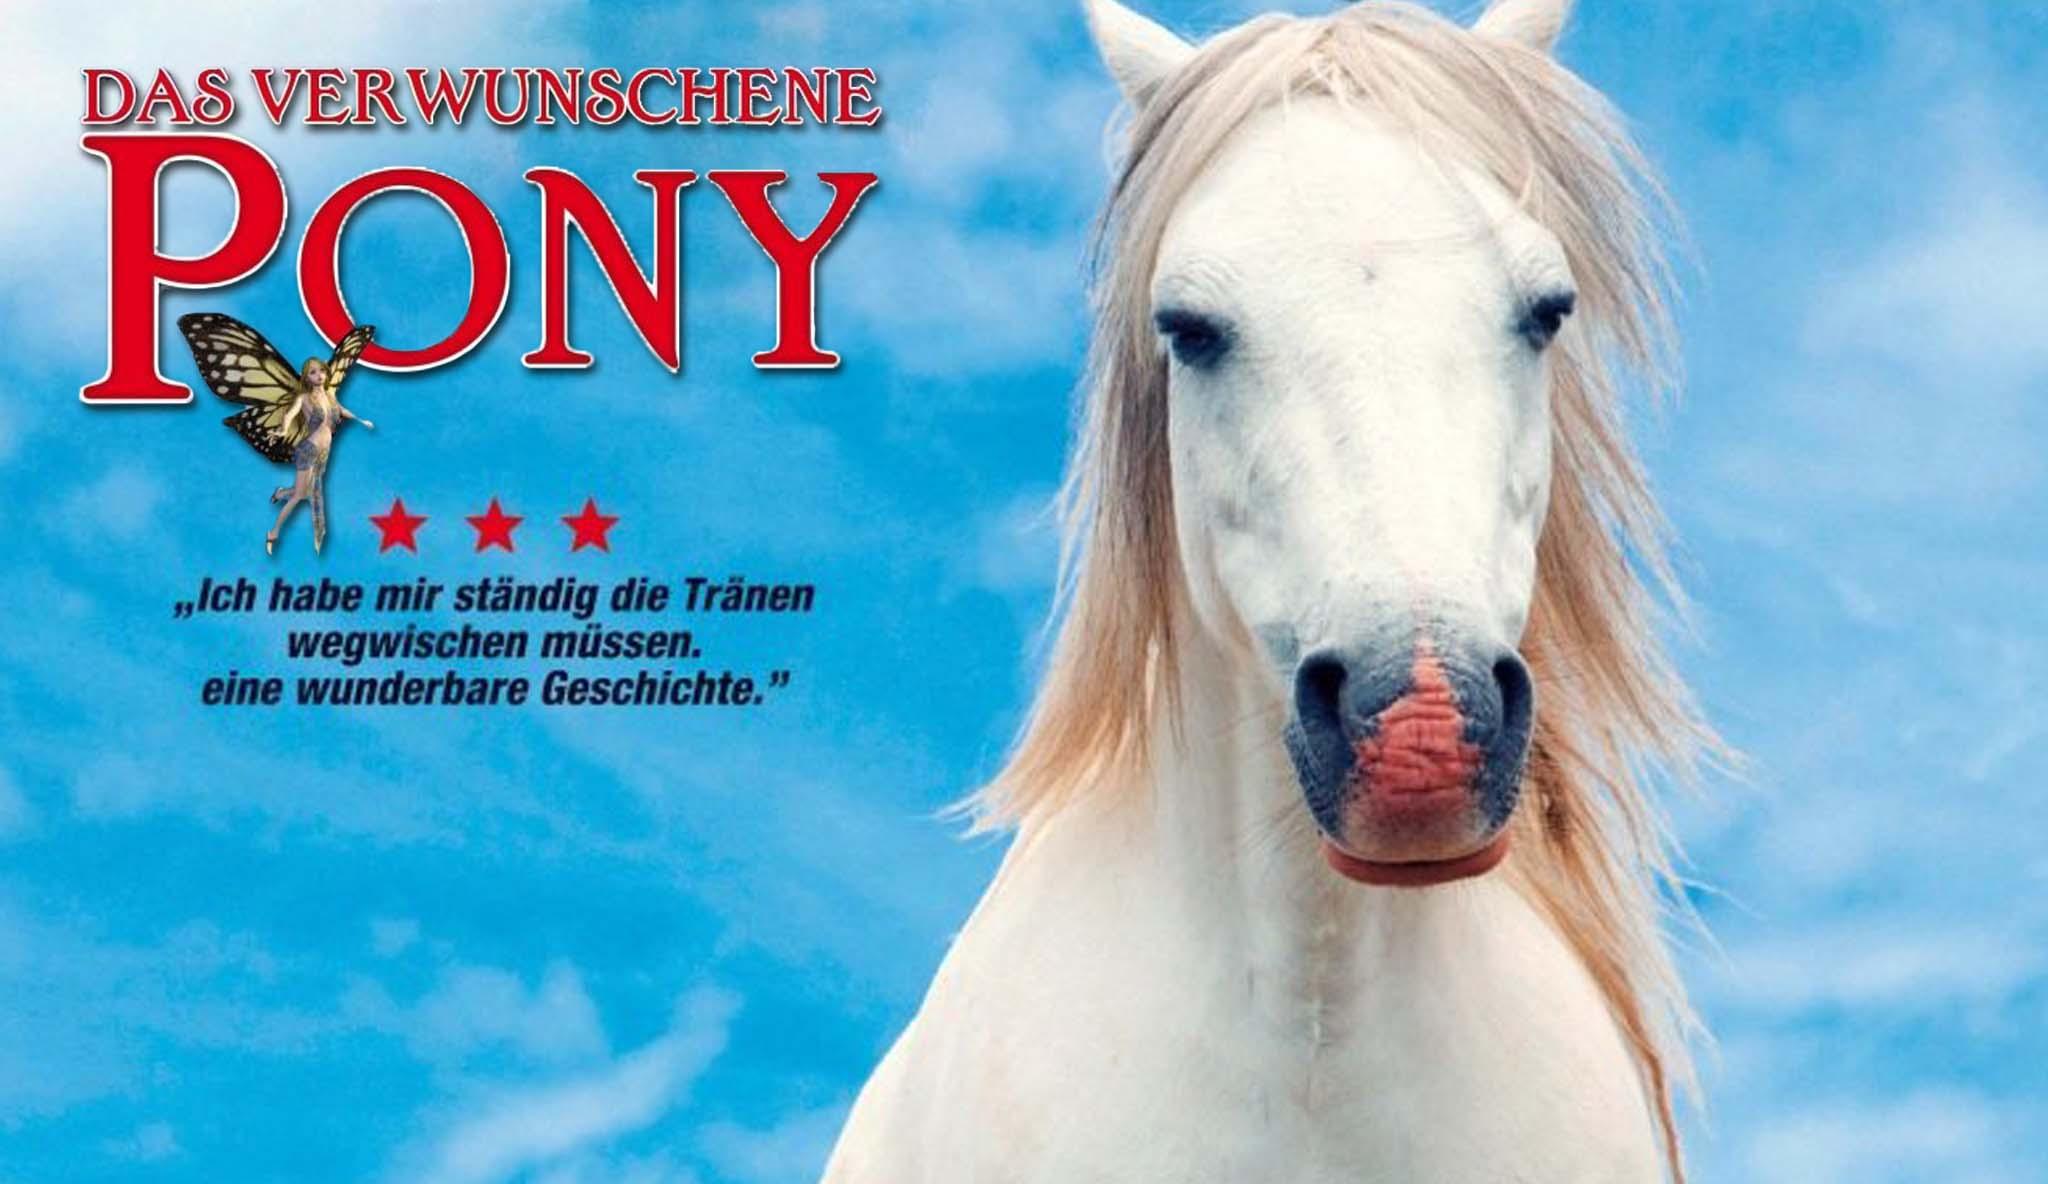 die-schonsten-pferdefilme-das-verwunschene-pony\widescreen.jpg